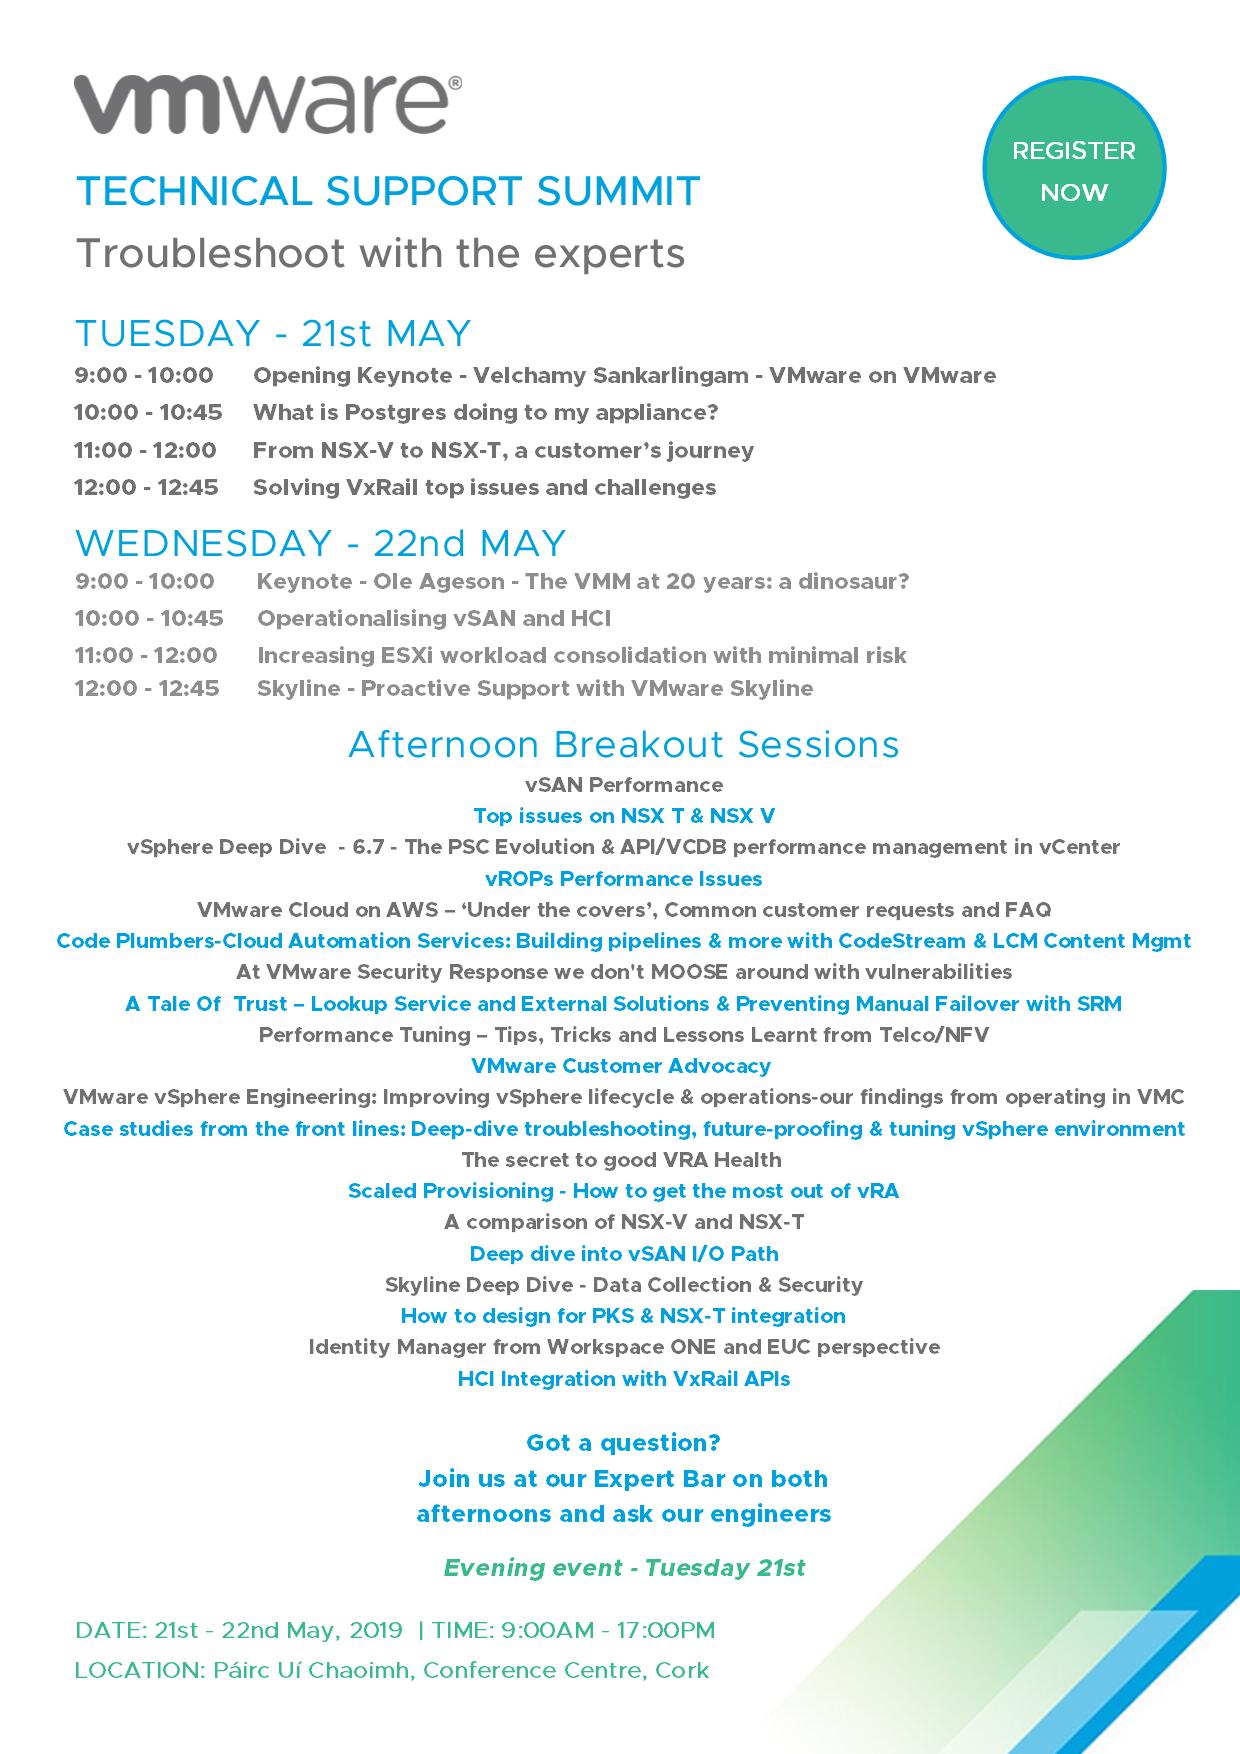 Tech Support Summit 2019 - Agenda v2